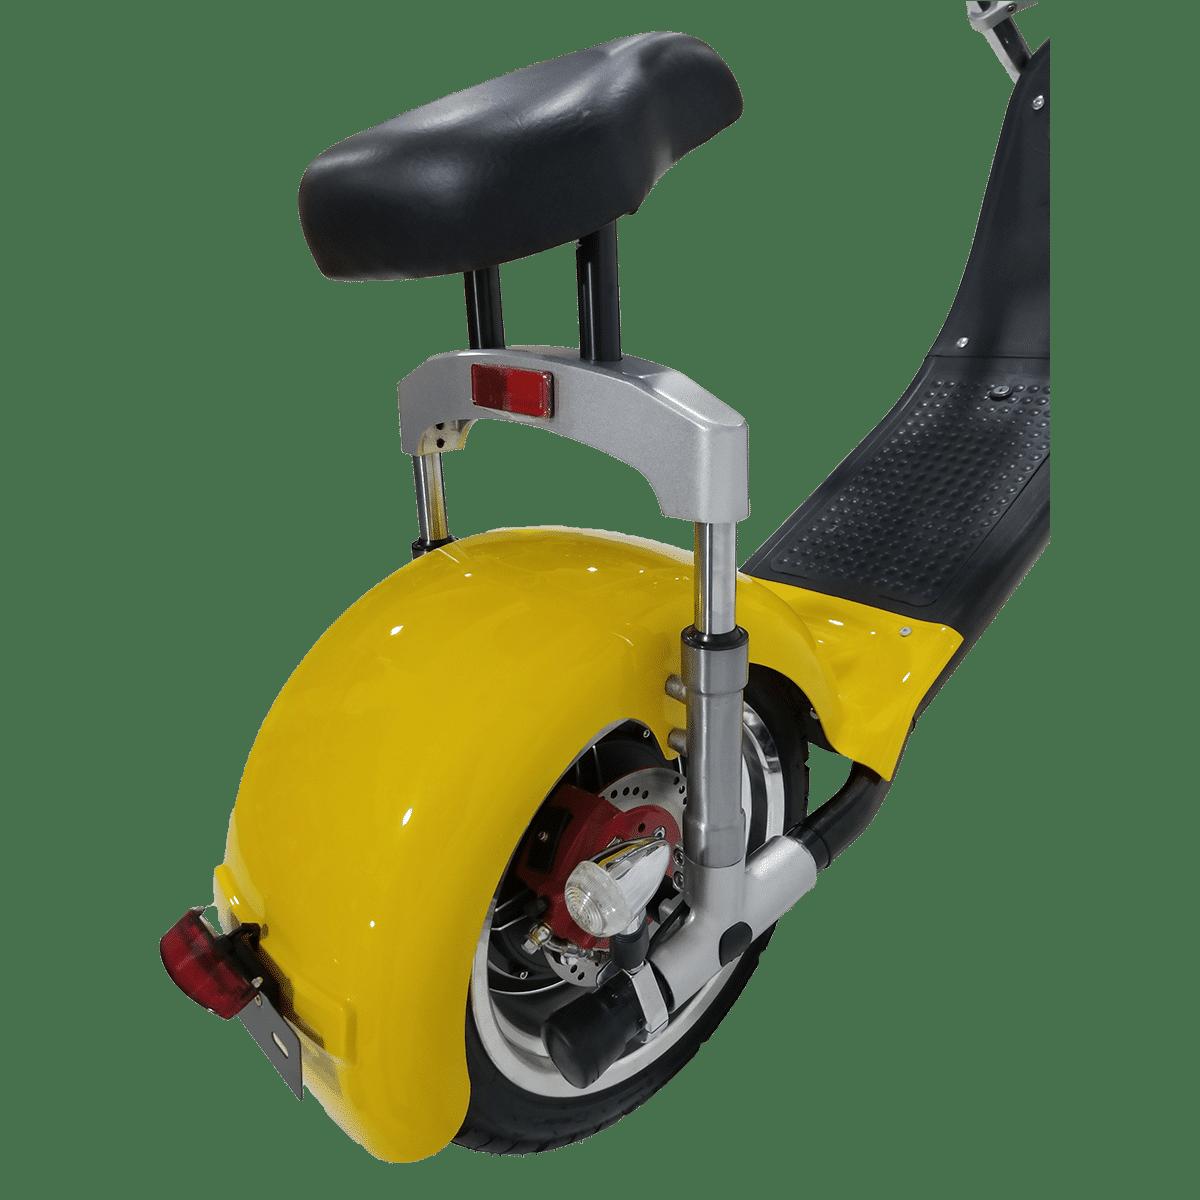 Citycoco Harley Deluxe Jaune 1190€ 26